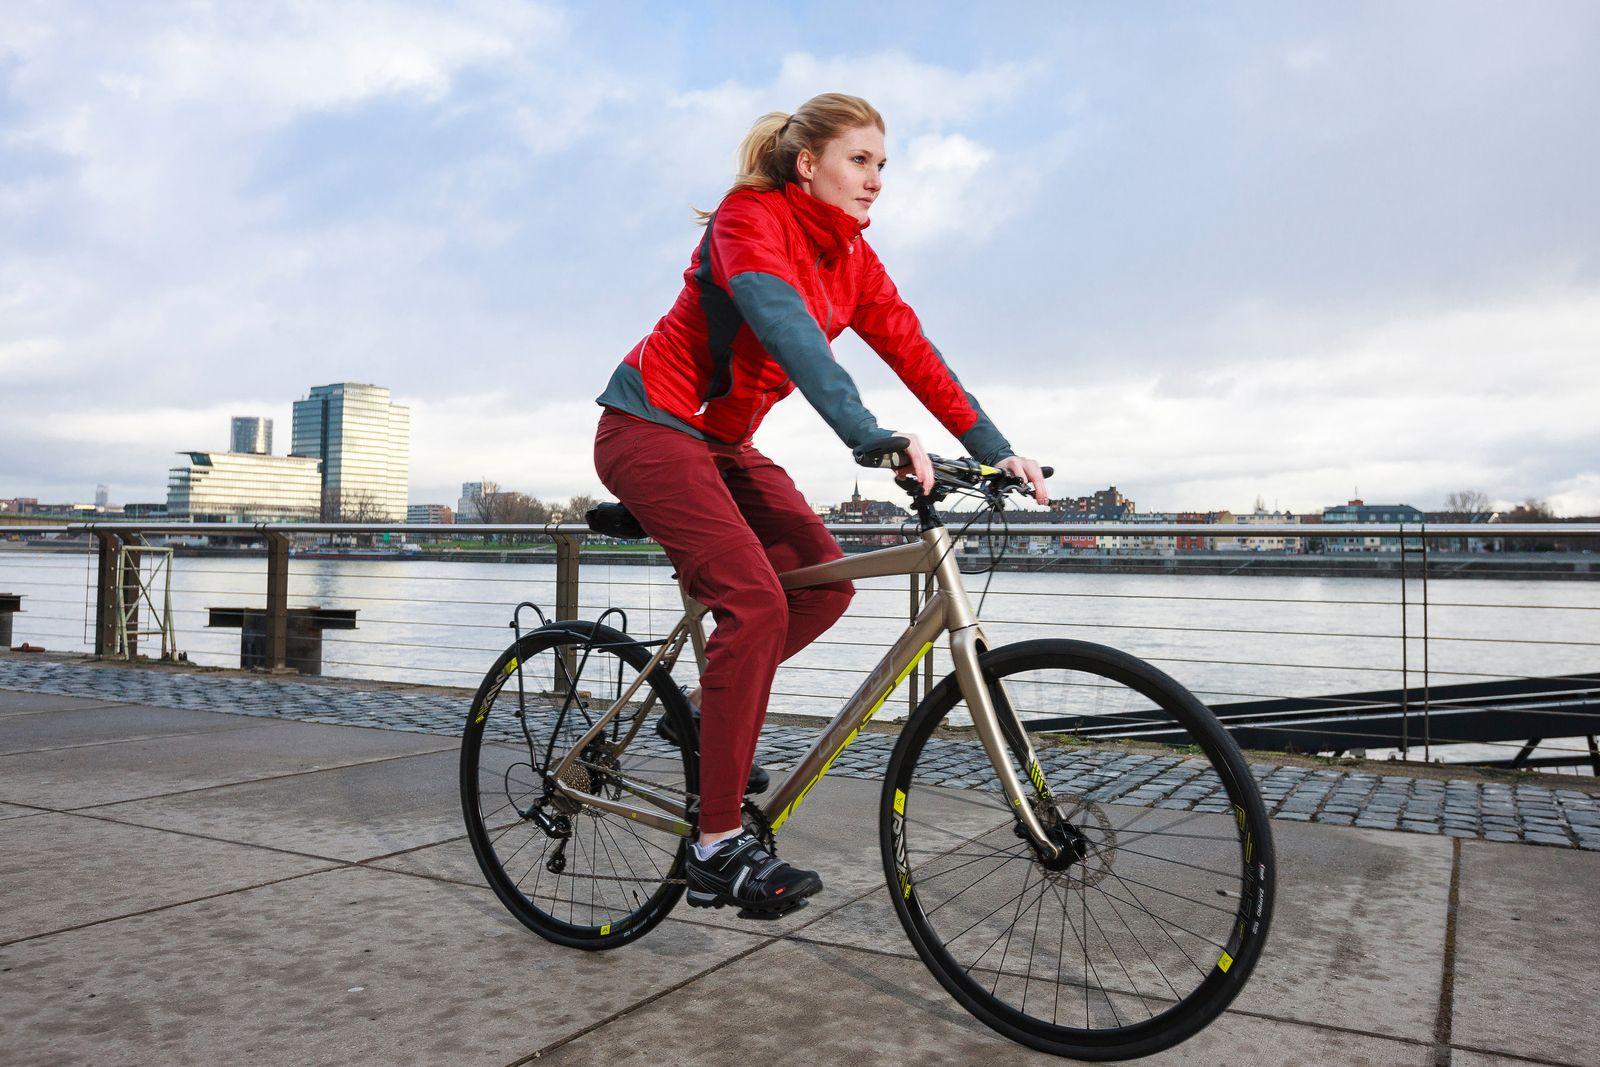 EINMALIGE VERWENDUNG Jedes Gramm zählt - Mit Sicherheit Gewicht am Fahrrad sparen